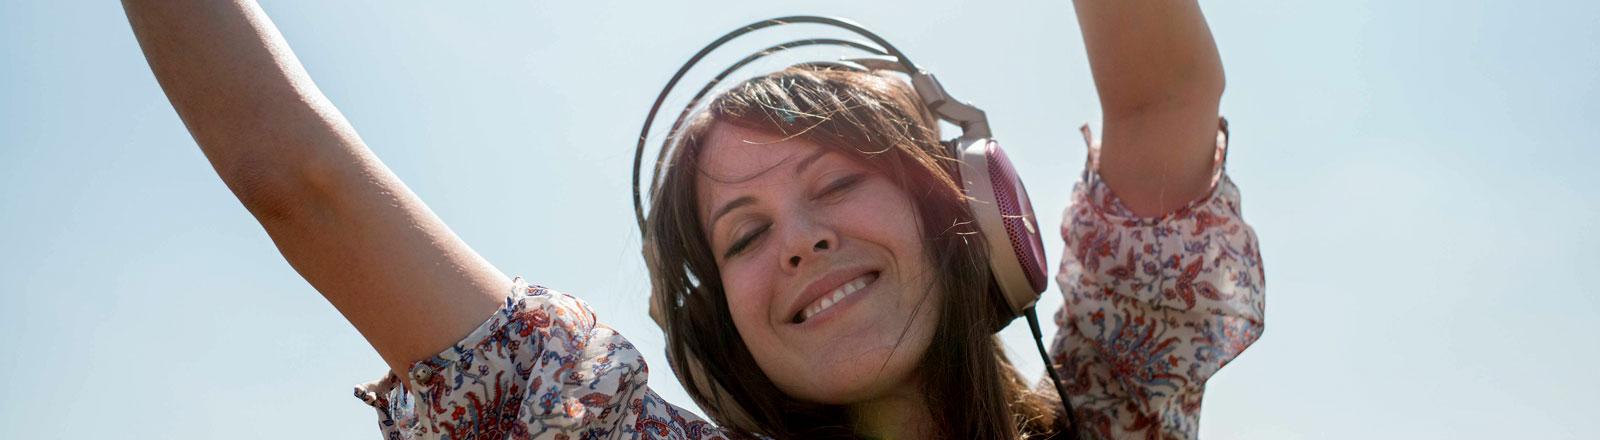 Silent Partys: Den vollen Sound über Kopfhörer genießen und keinen dabei stören.